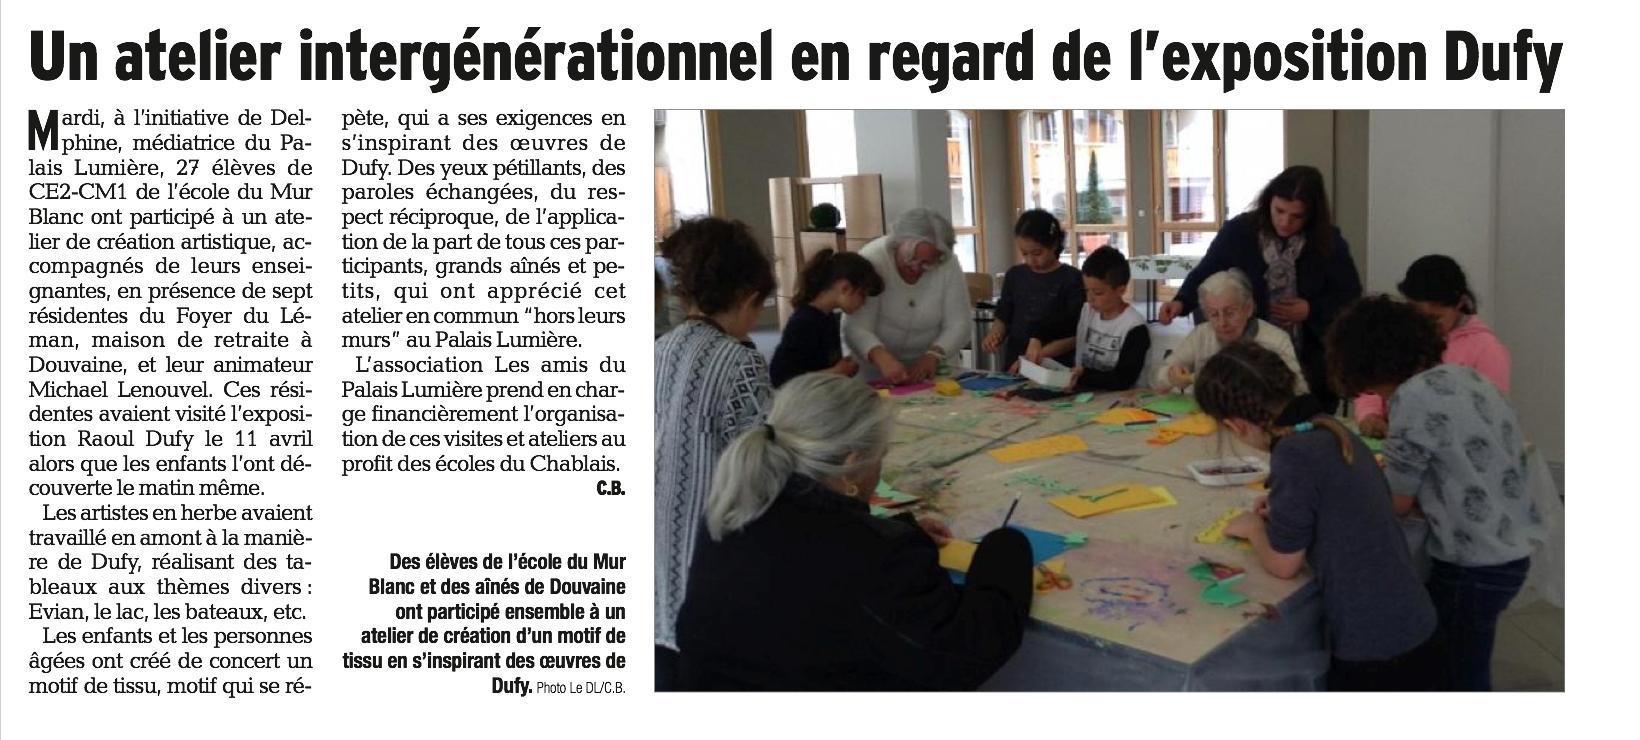 5 mai atelier interge ne rationnel pdf page 14 edition de thonon les bains et le chablais 20170505